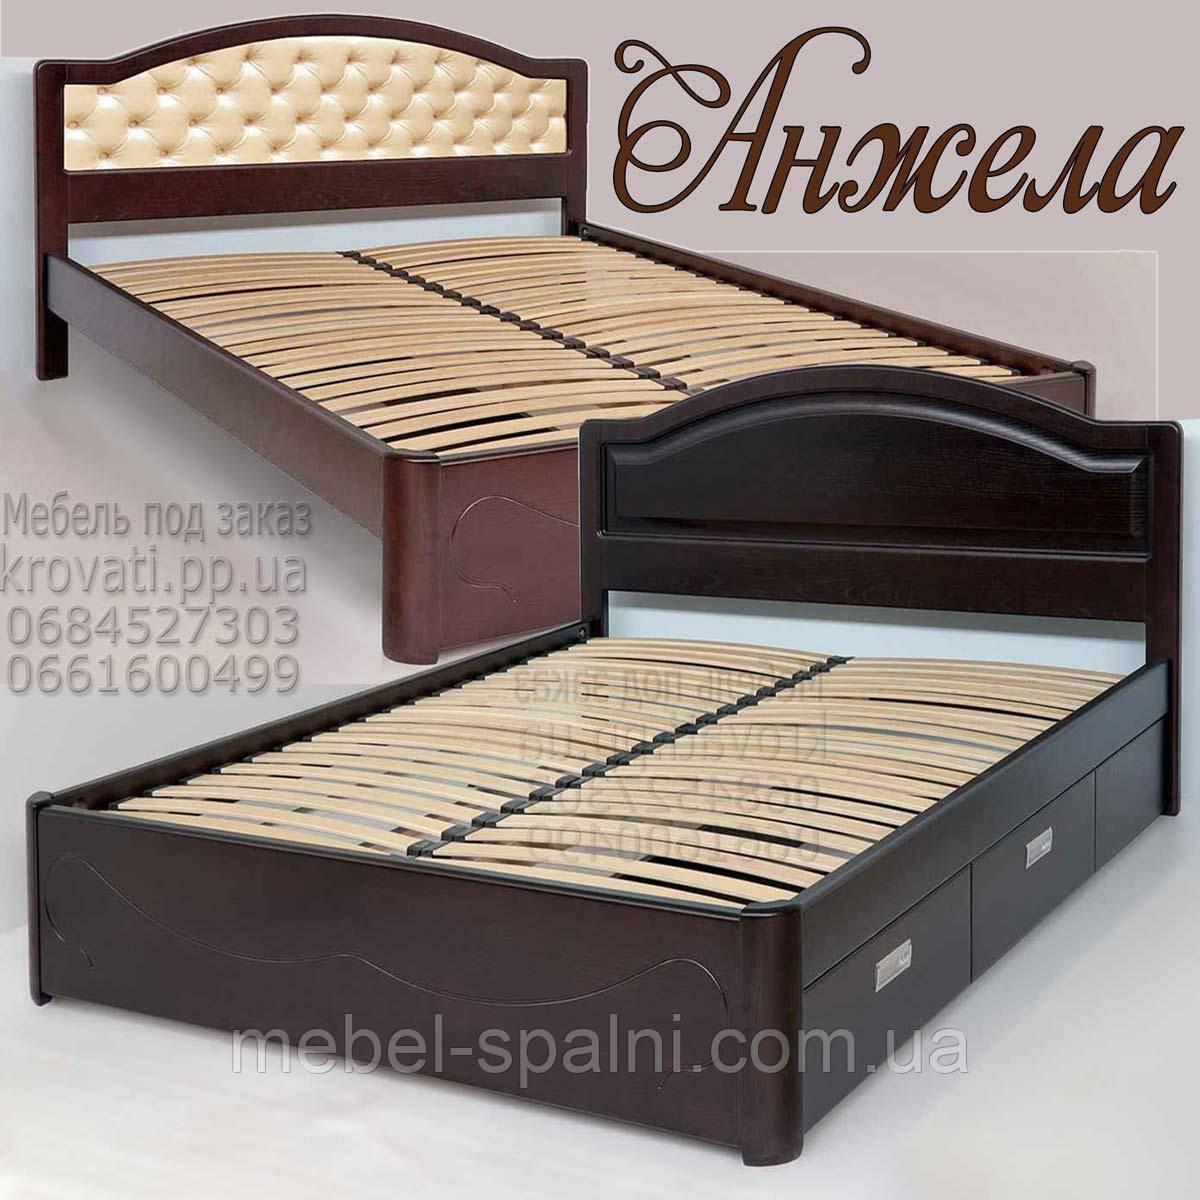 Кровать деревянная «Анжела» - витрина 2